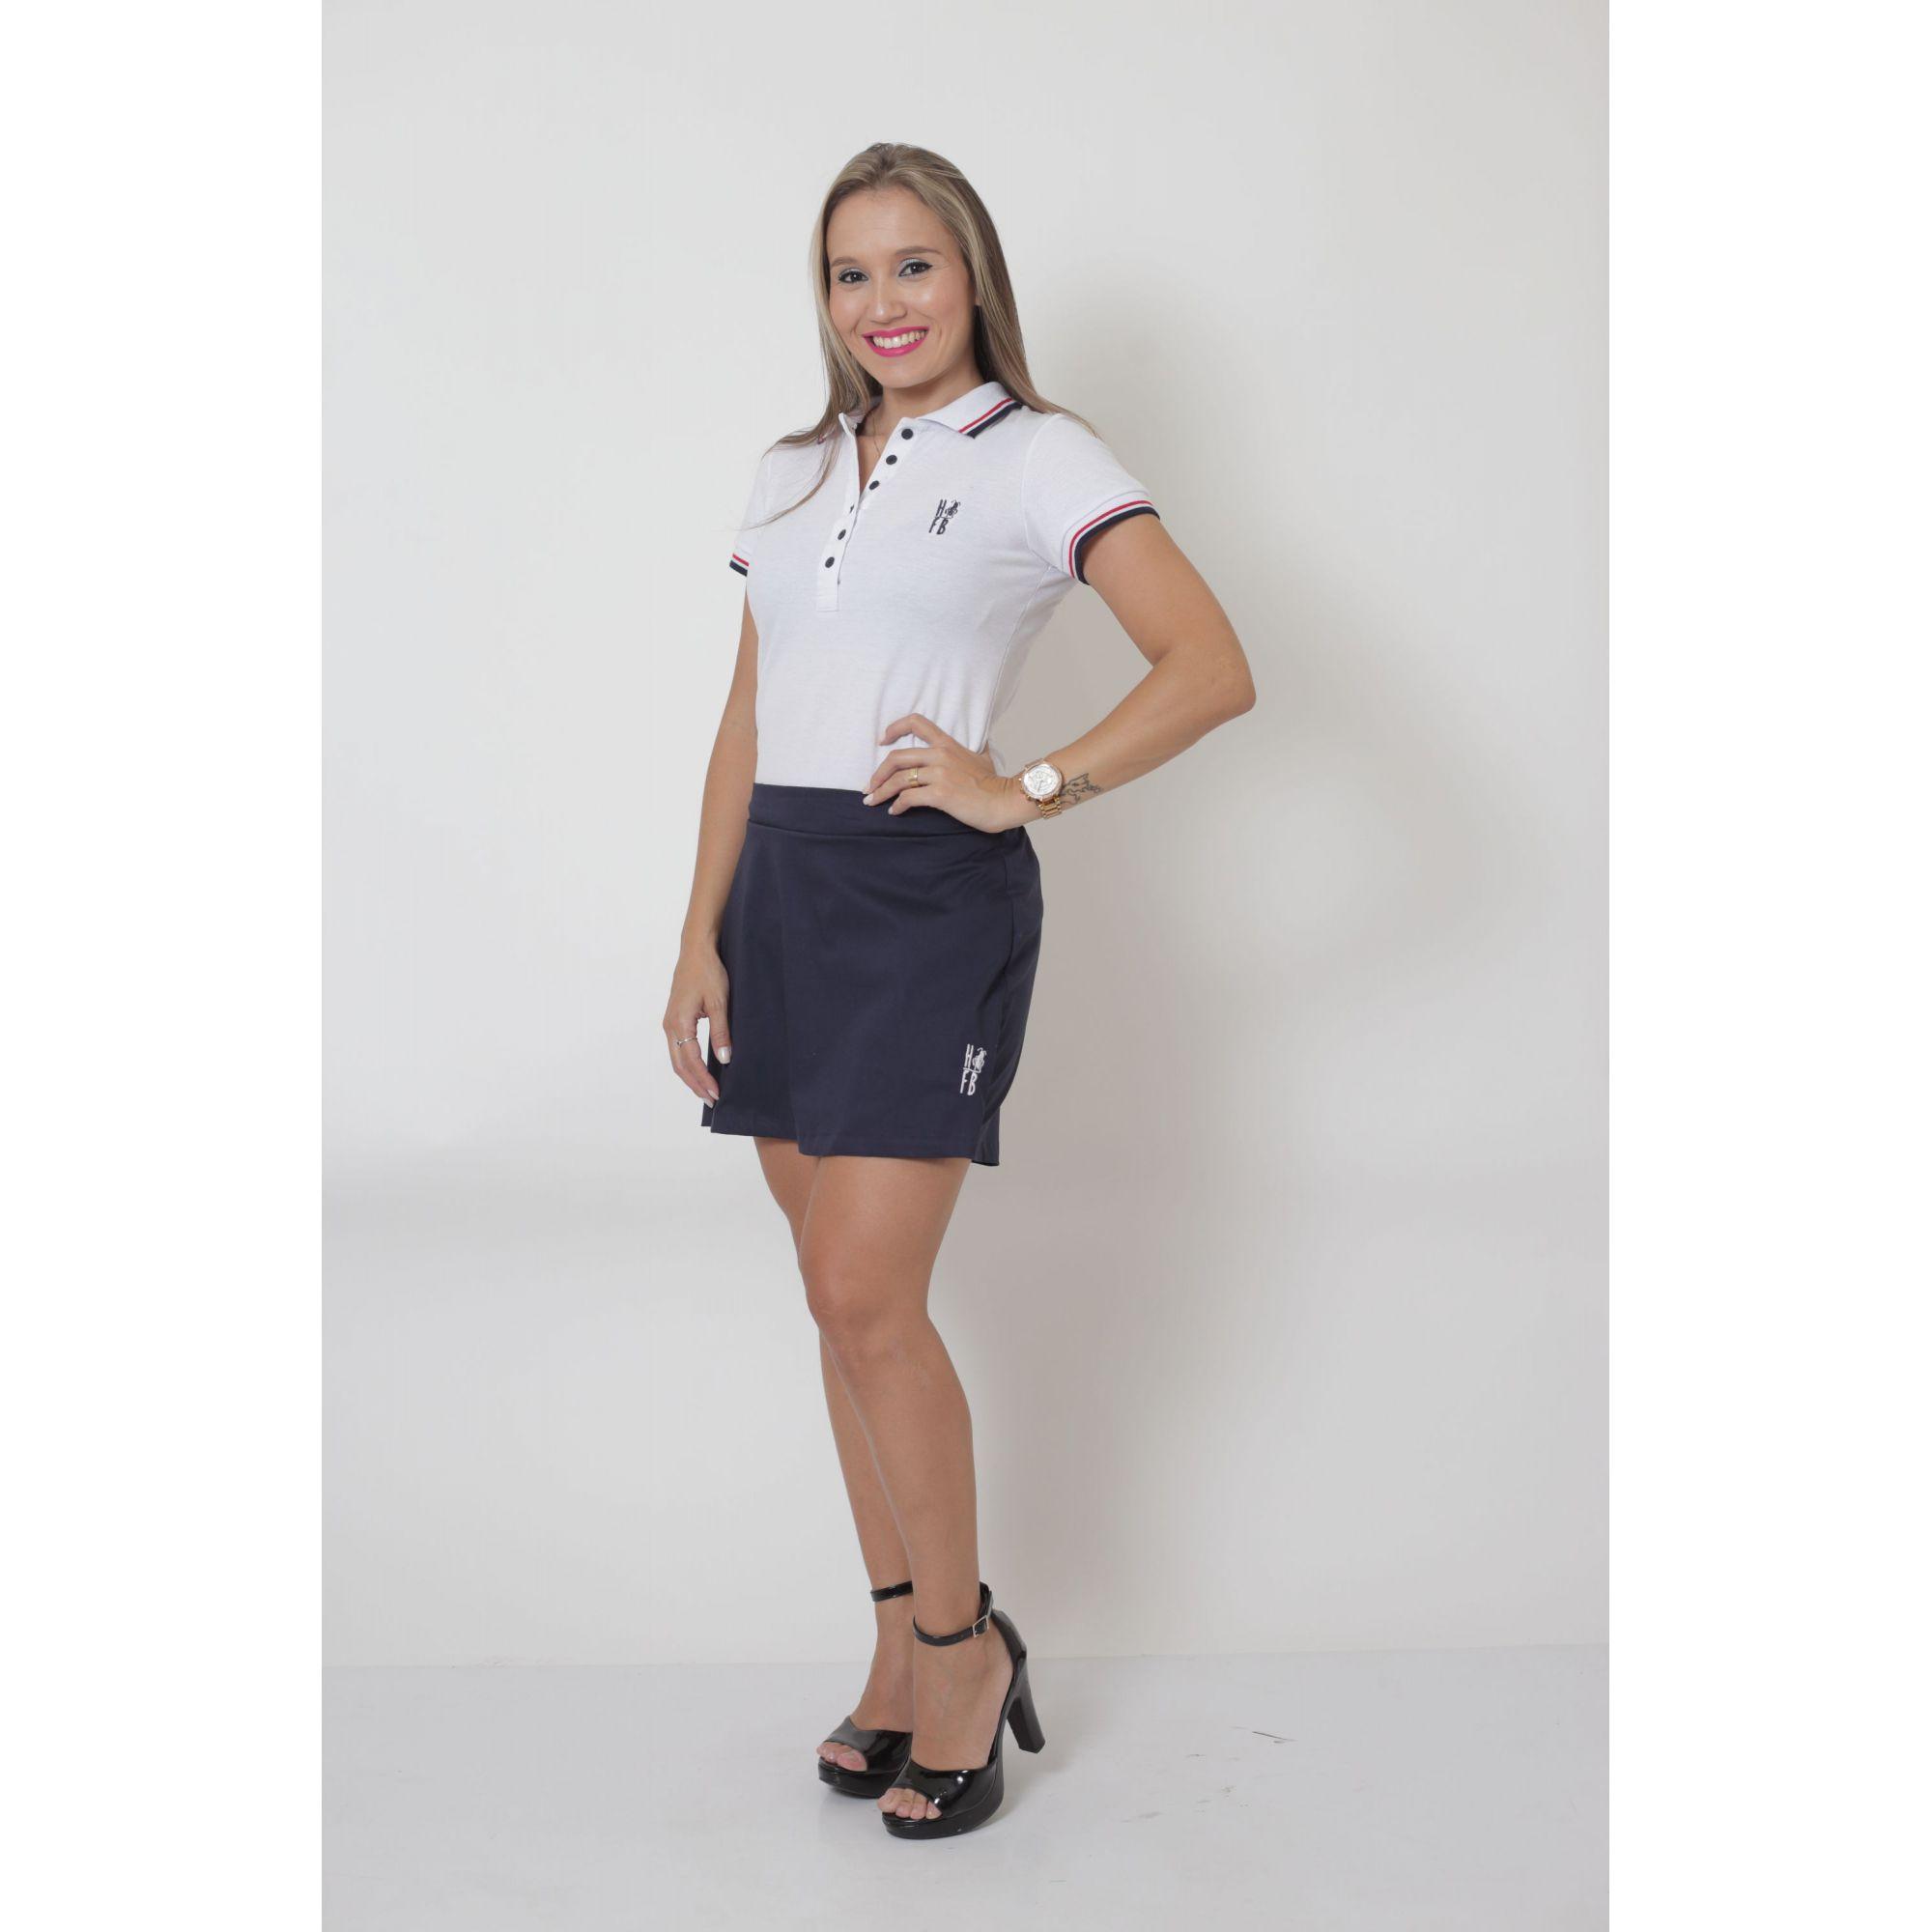 PAIS E FILHOS > Kit - Short Saia + Bermuda Adulta + Bermuda Infantil - Azul Marinho [Coleção Família]  - Heitor Fashion Brazil